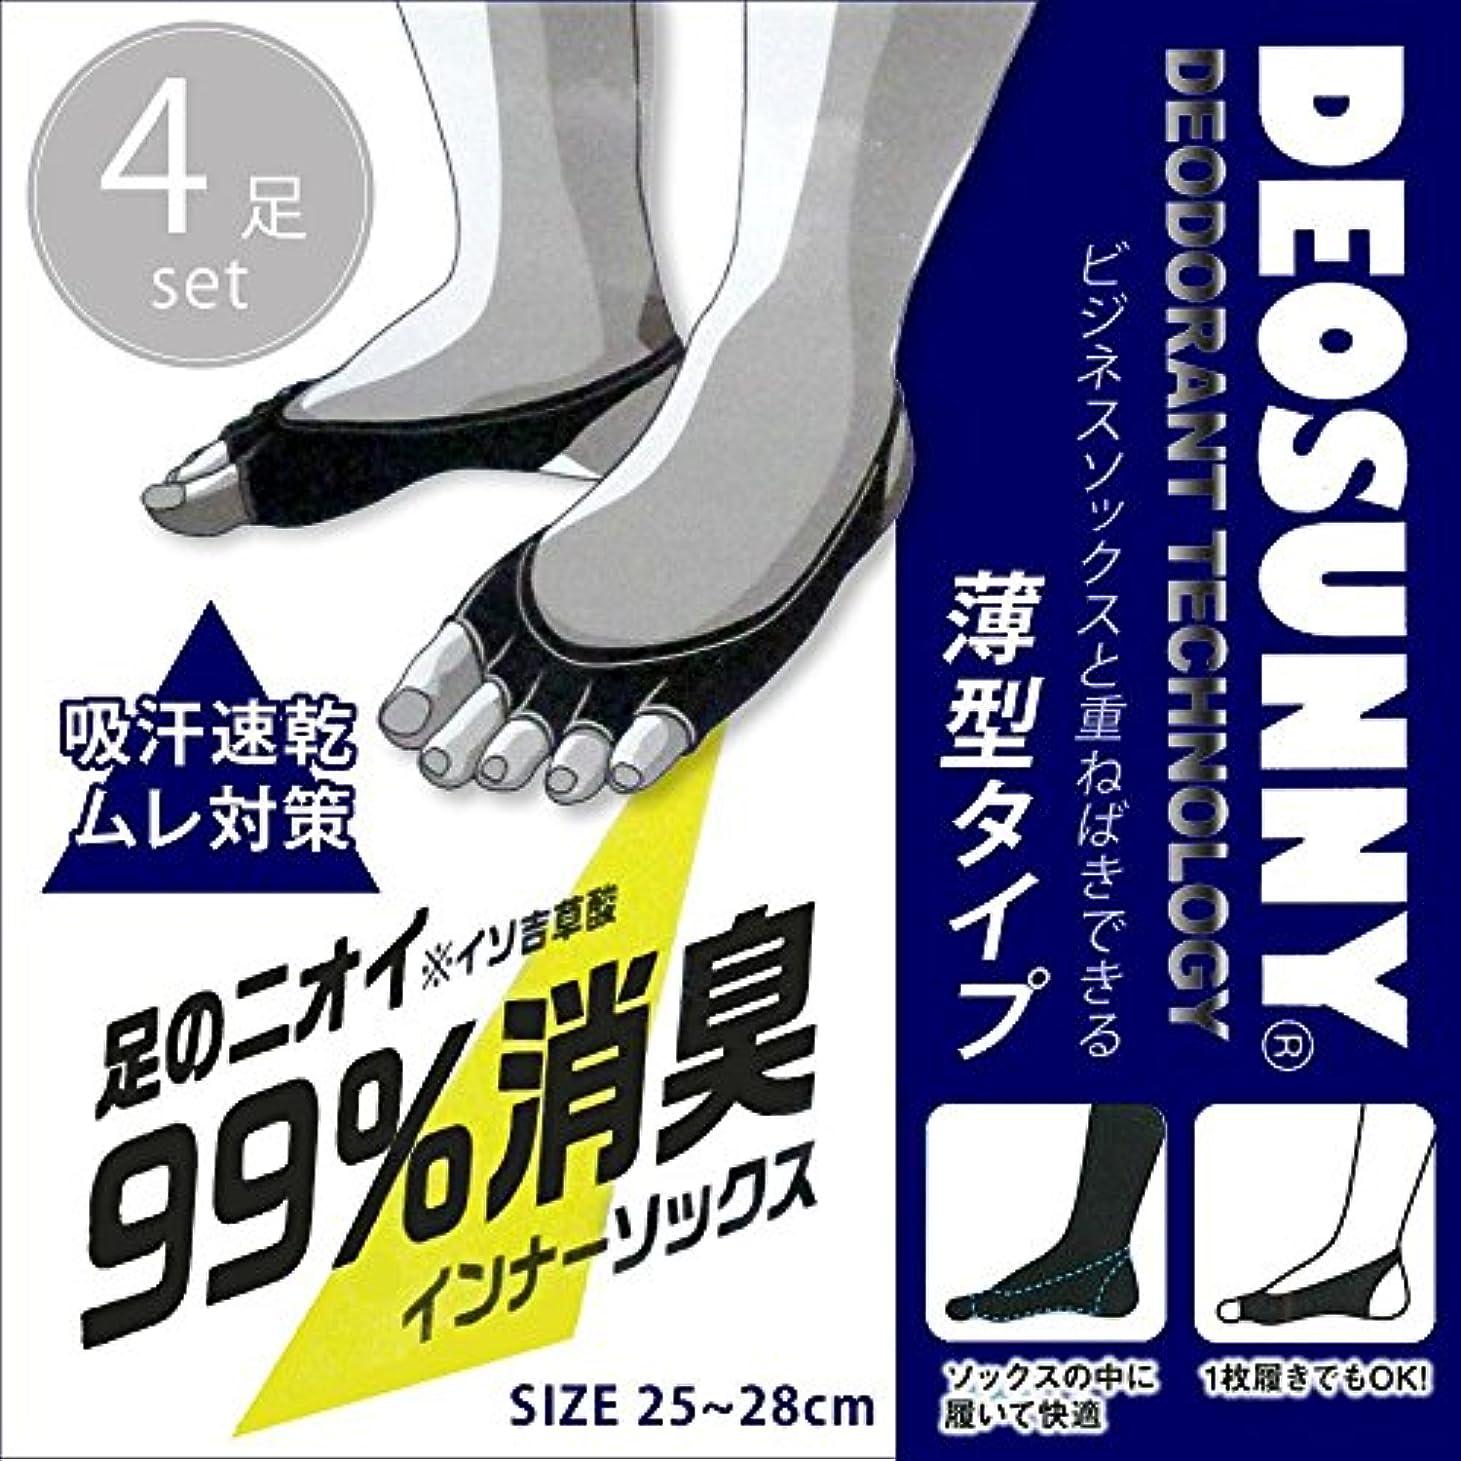 甘いねばねば規制するDEOSUNNY デオサニー 高機能消臭 抗菌防臭×吸汗速乾 インナーソックス メンズ ブラック ×4足セット